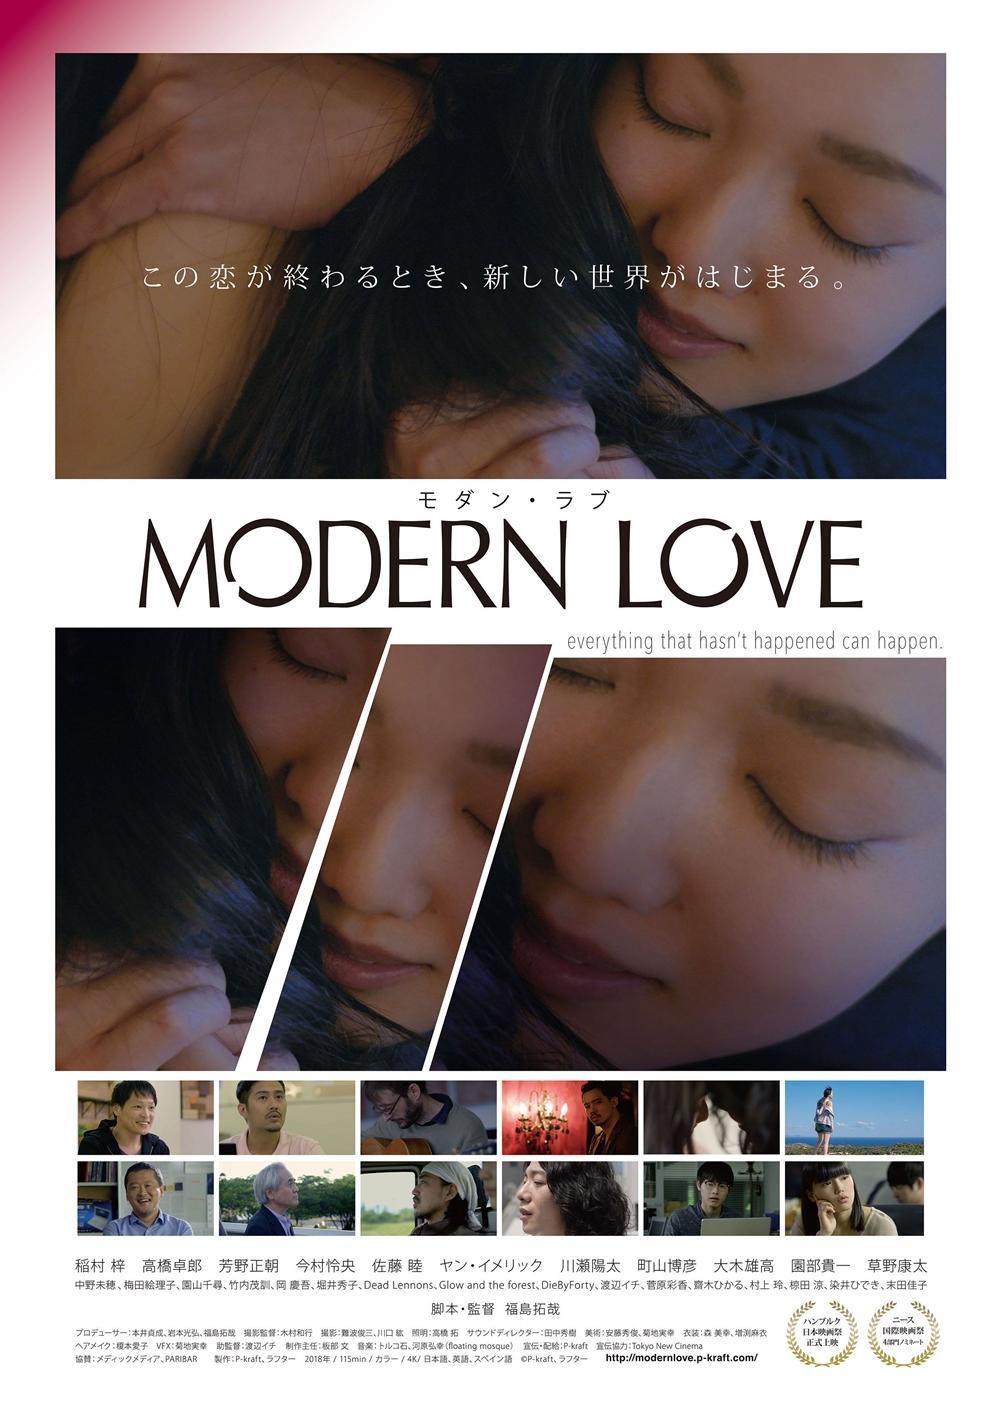 【画像】映画『モダン・ラブ』(MORDEN LOVE) ポスタービジュアル